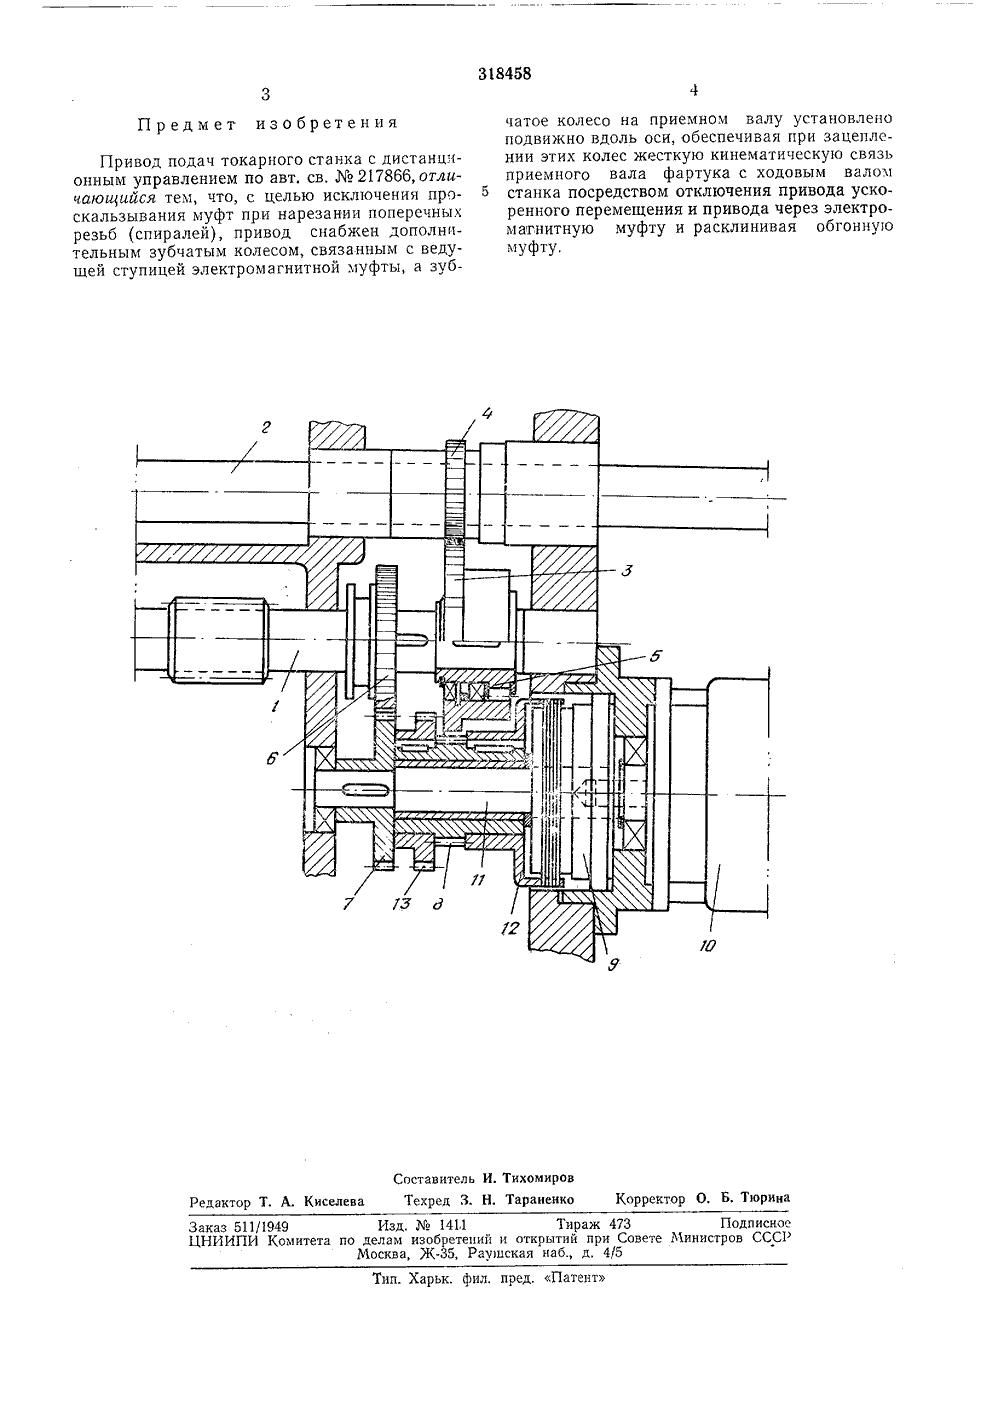 Привод продольной подачи токарного станка